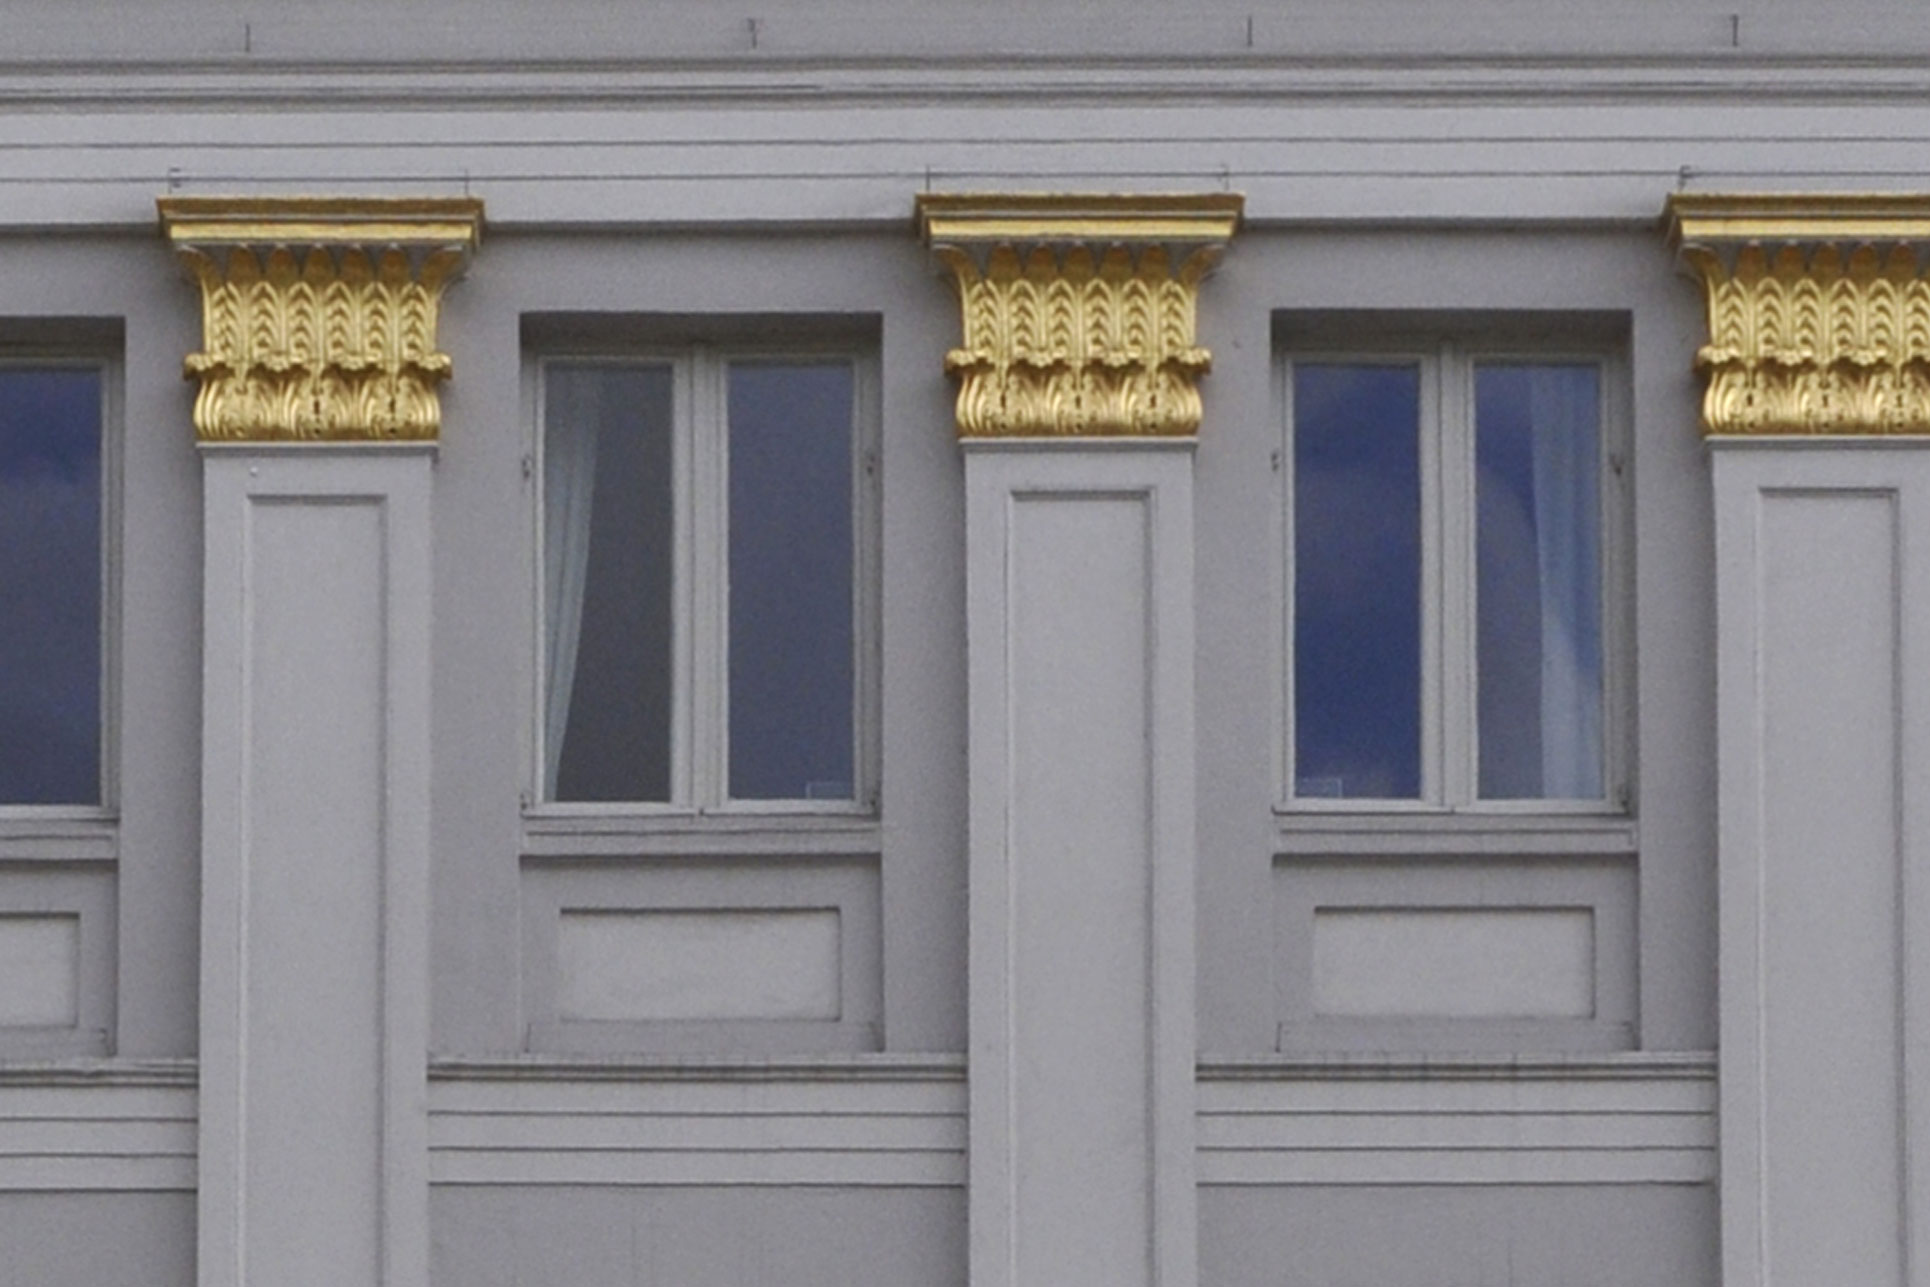 Das Arbeiten mit Blattgold erfordert eine fachgerechte Ausführung, damit eine lange Haftung gewährleistet ist. Diese Arbeit kann nur von einem gut ausgebildeten Gesellen ausgeführt werden.